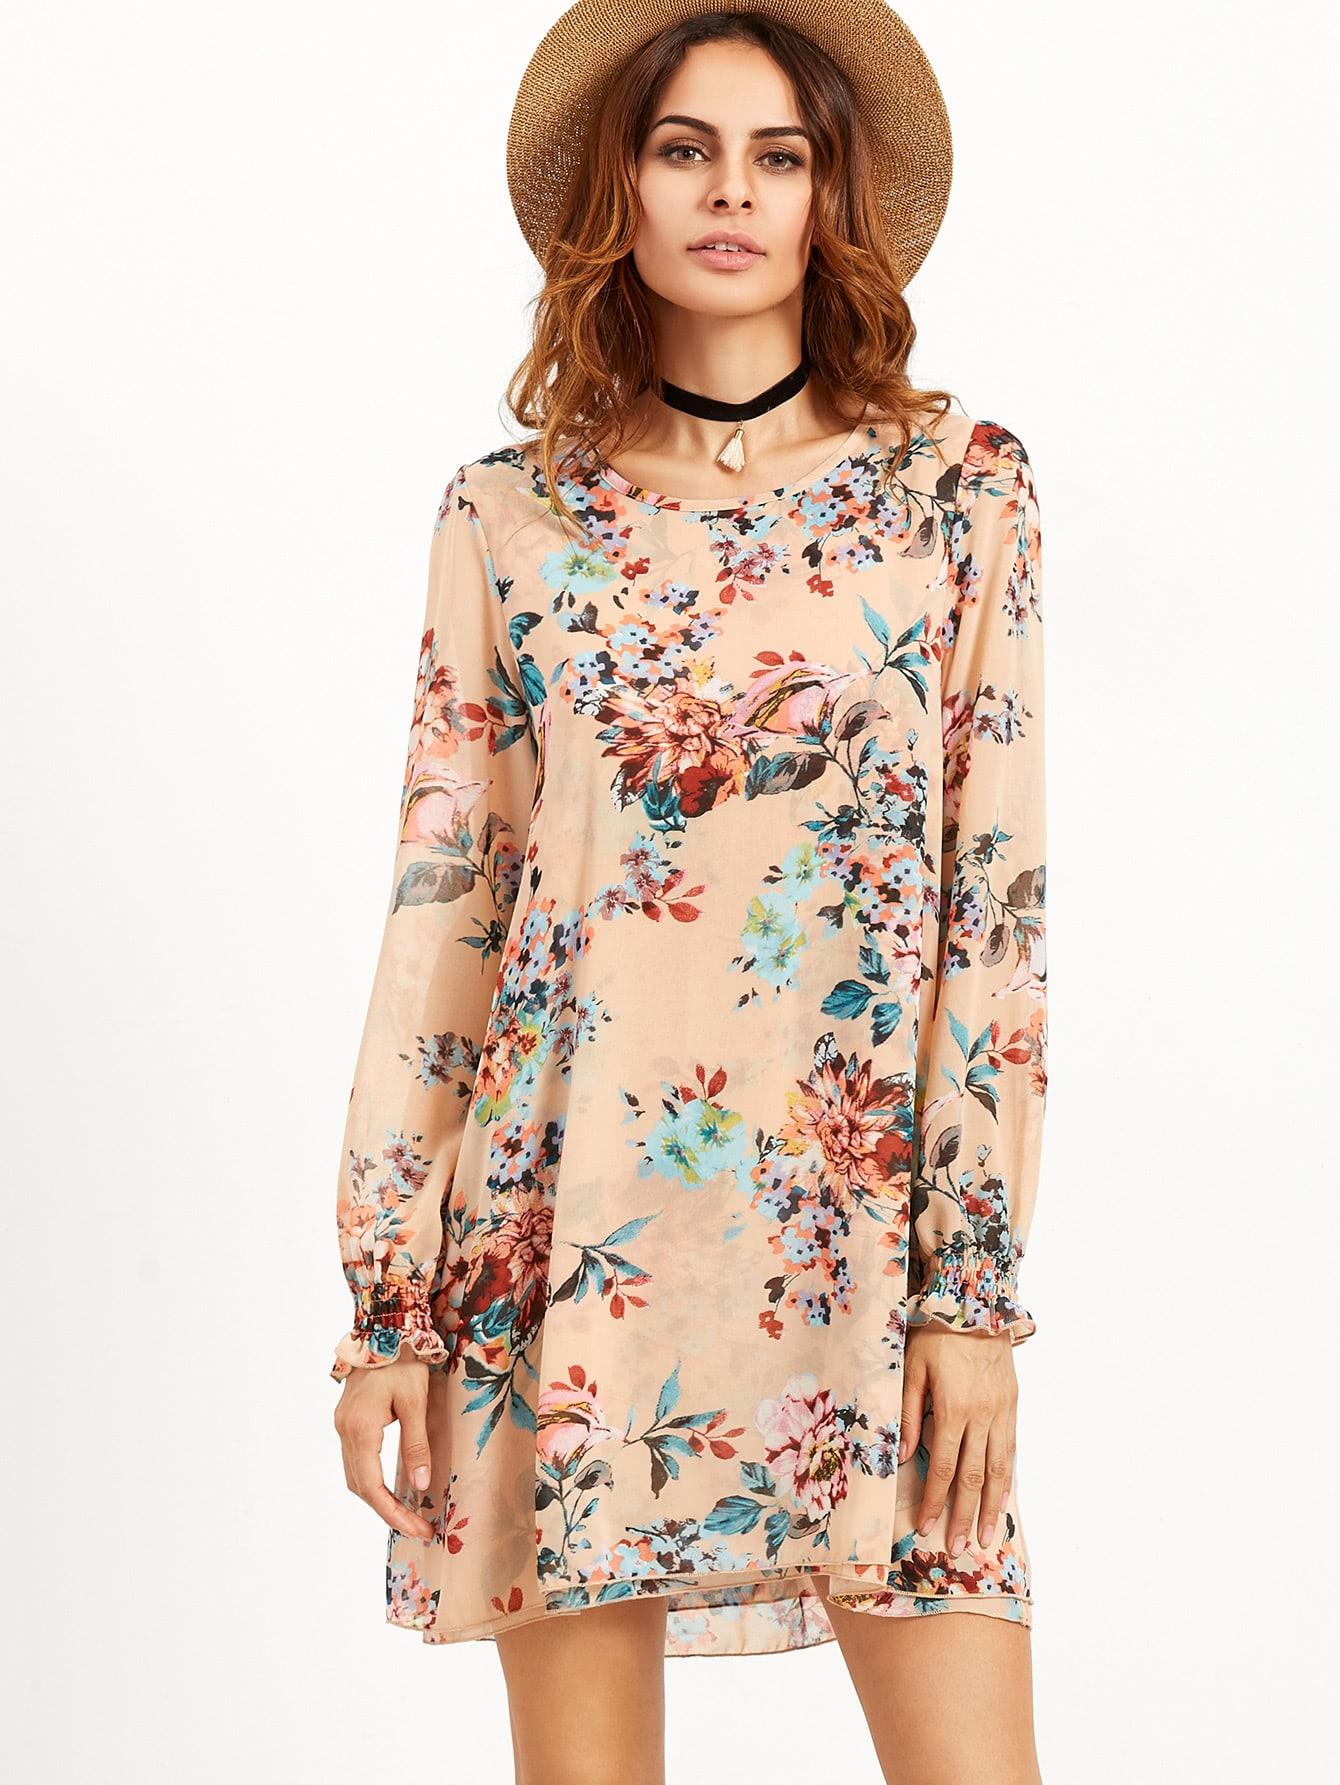 dress160908402_2